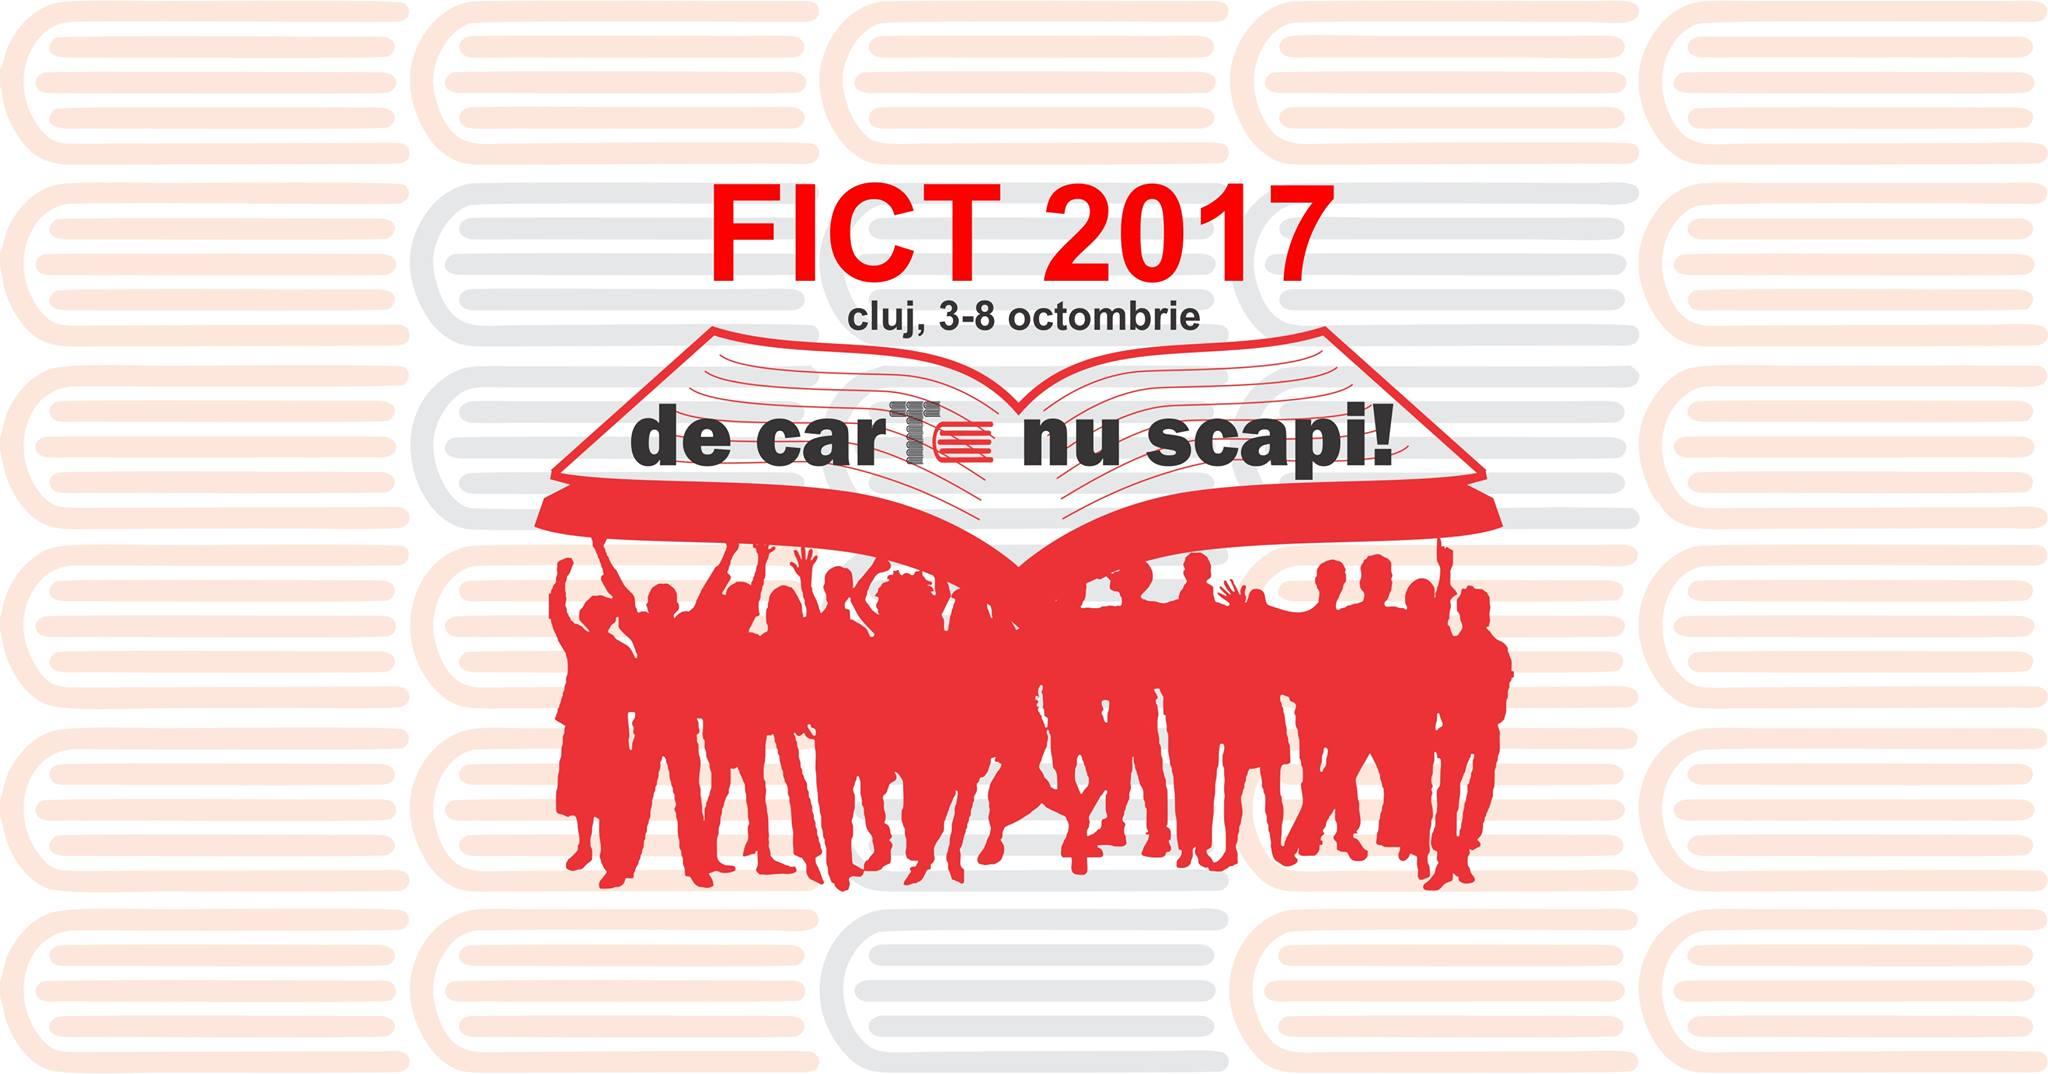 Festivalul Internațional de Carte Transilvania 2017